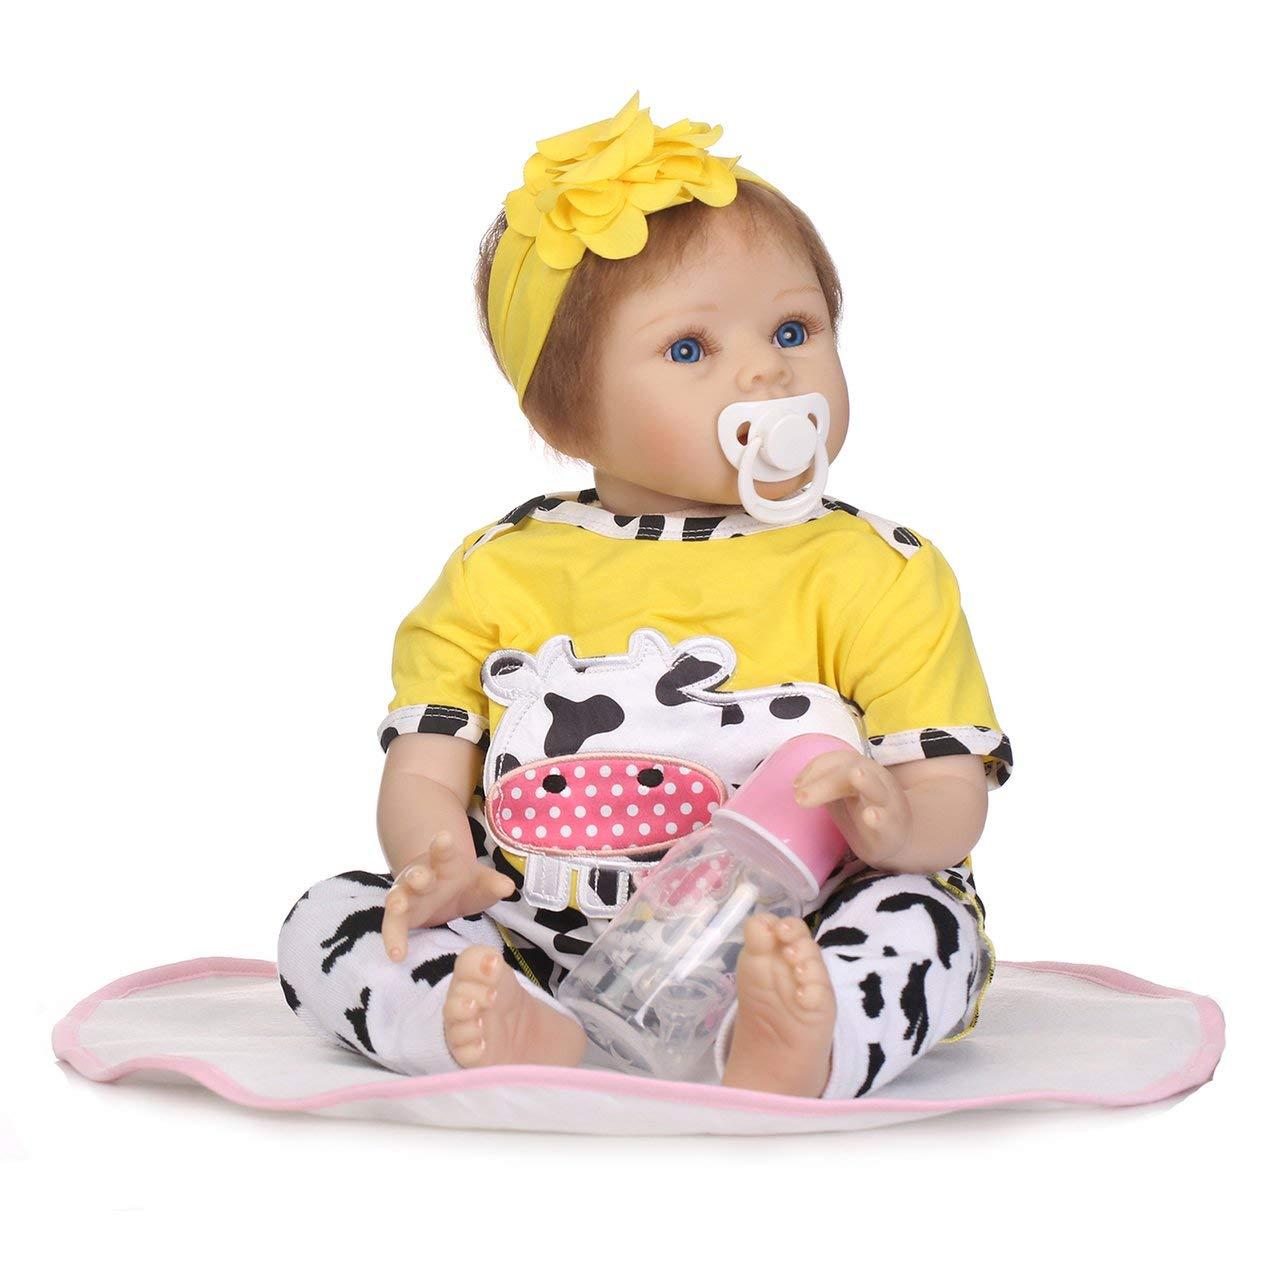 Dooret 55cm de Silicona Suave de la muñeca no tóxico Juguetes Seguros Adorable Precioso de la muñeca